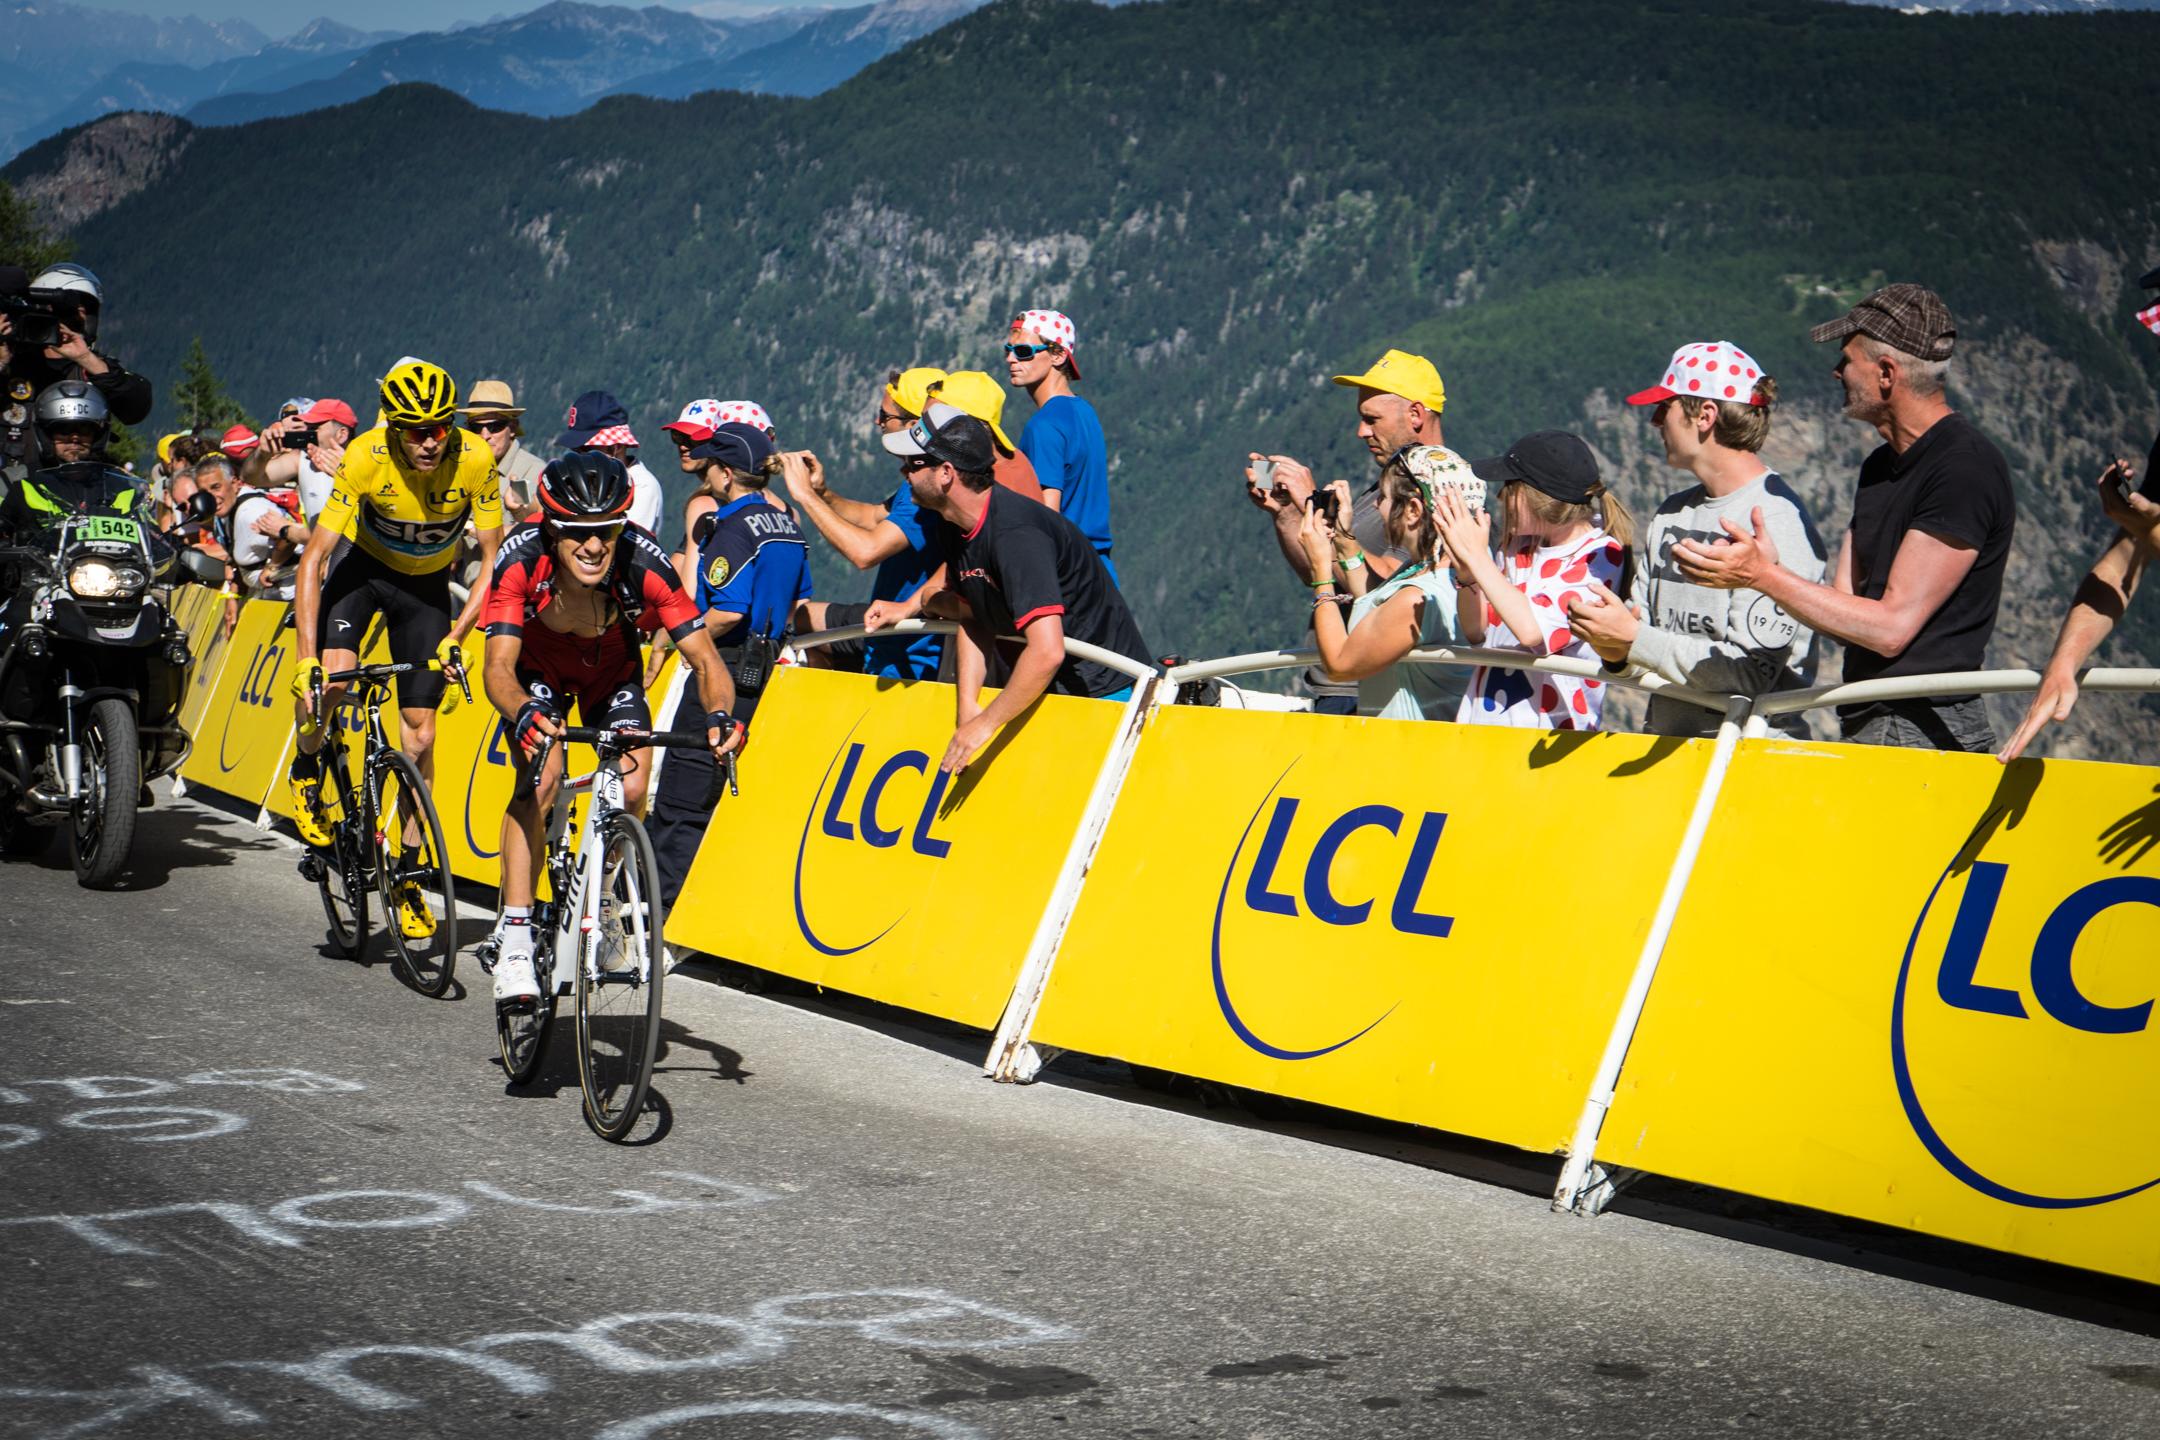 Det ikoniske franske cykelløb Tour de France kommer til Danmark med de tre indledende etaper i 2021. Om det er en god investering i branding af Danmark og udvikling af dansk idræt i forhold til de alternative muligheder er en debat værd.  Foto: Velobar+, Unsplash.com